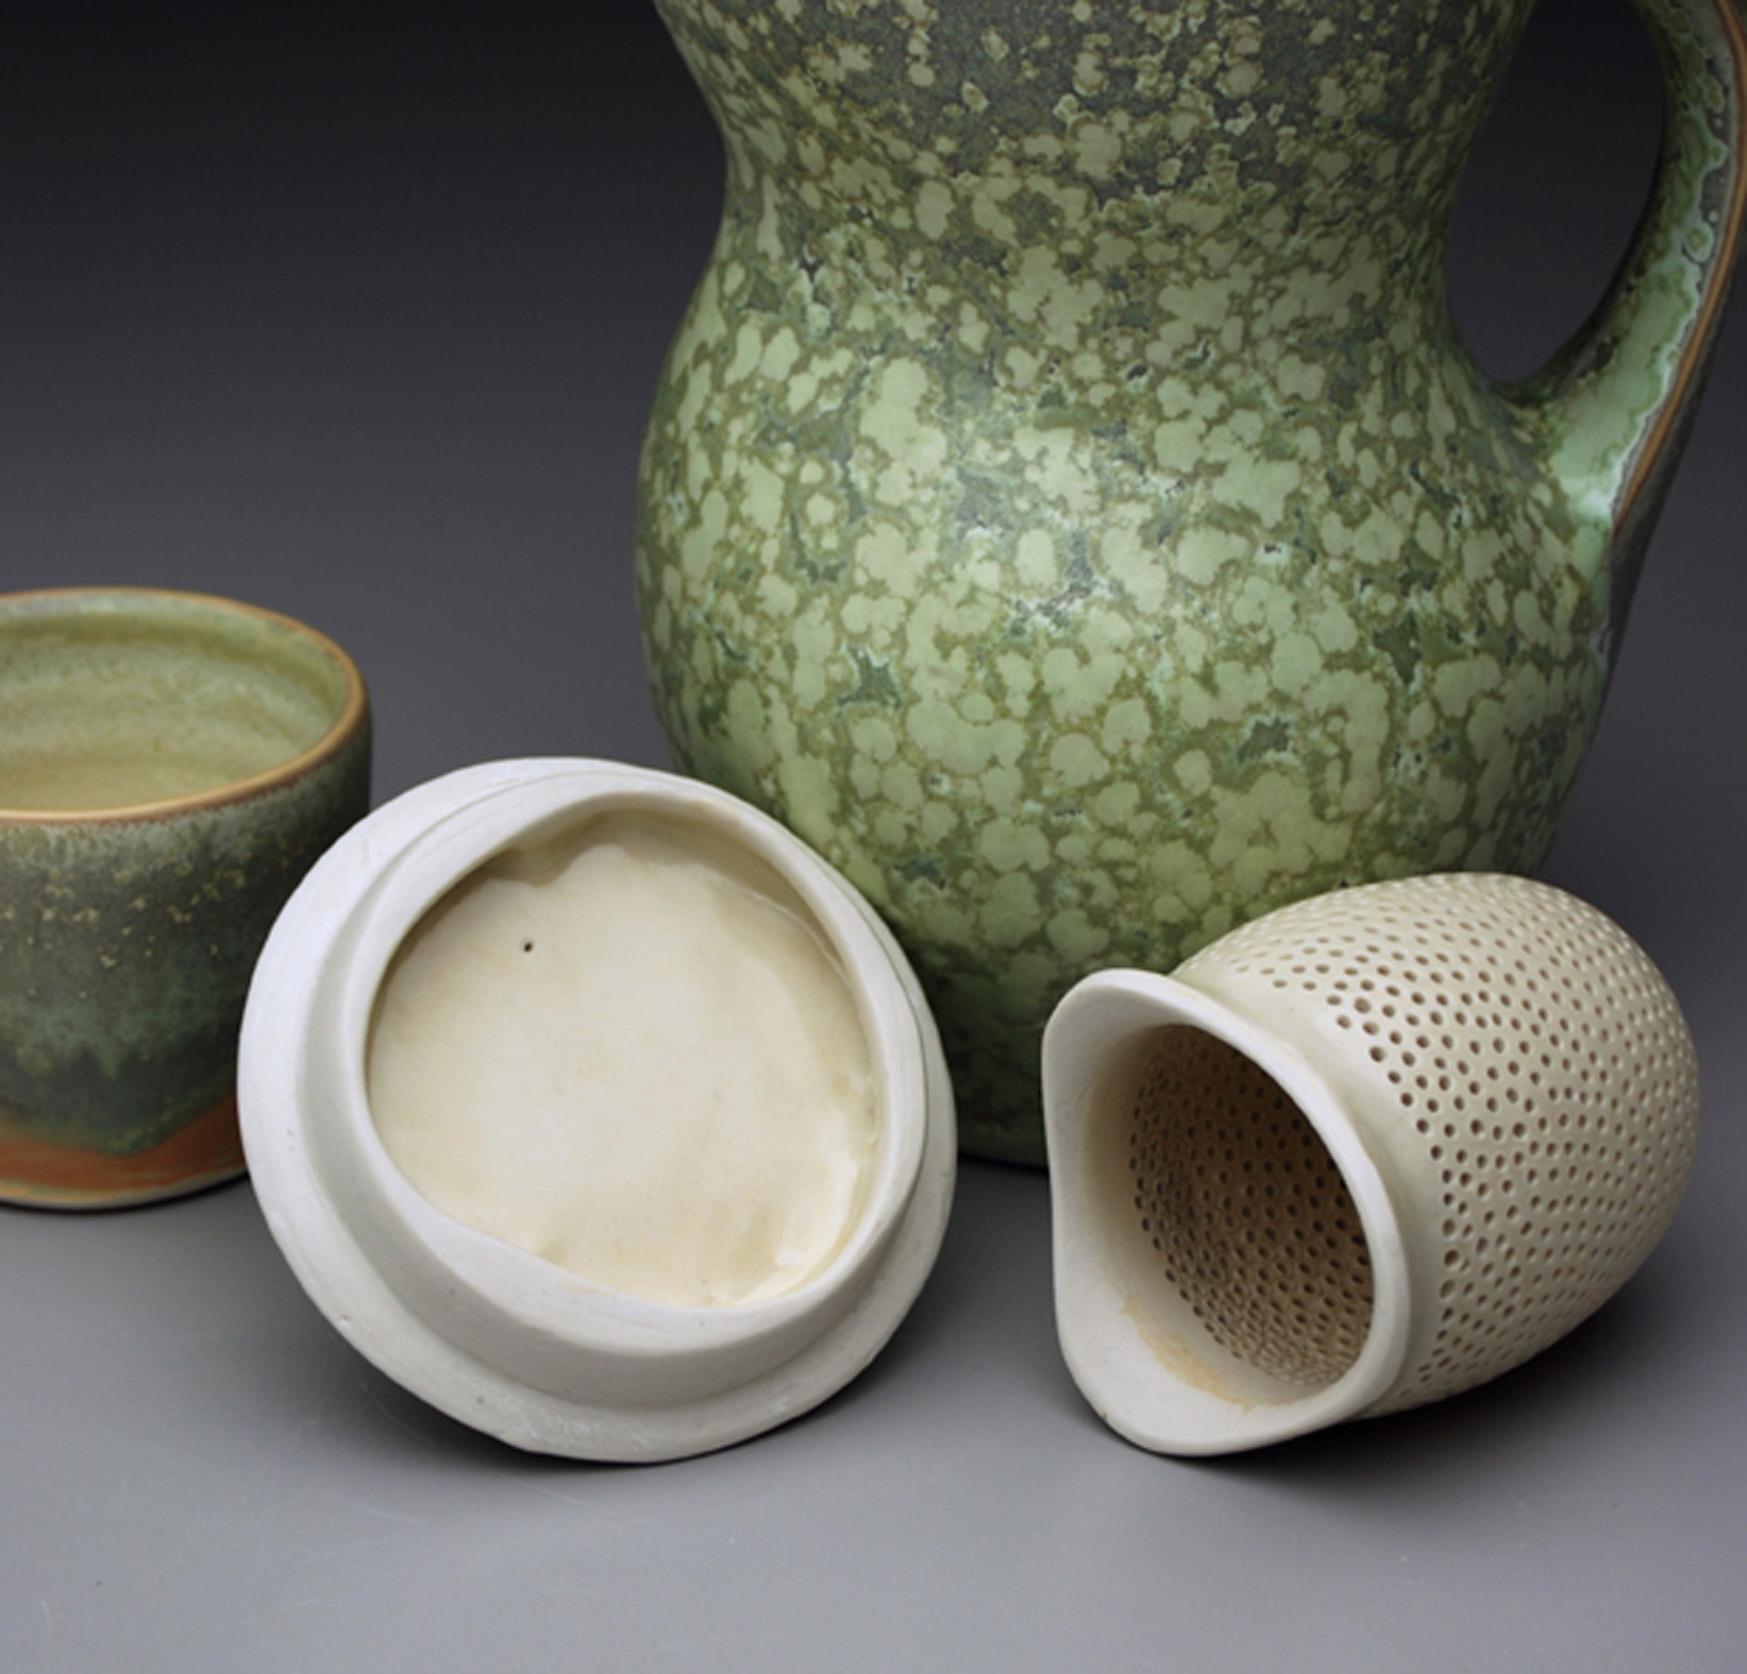 iced tea pitcher detail.jpg